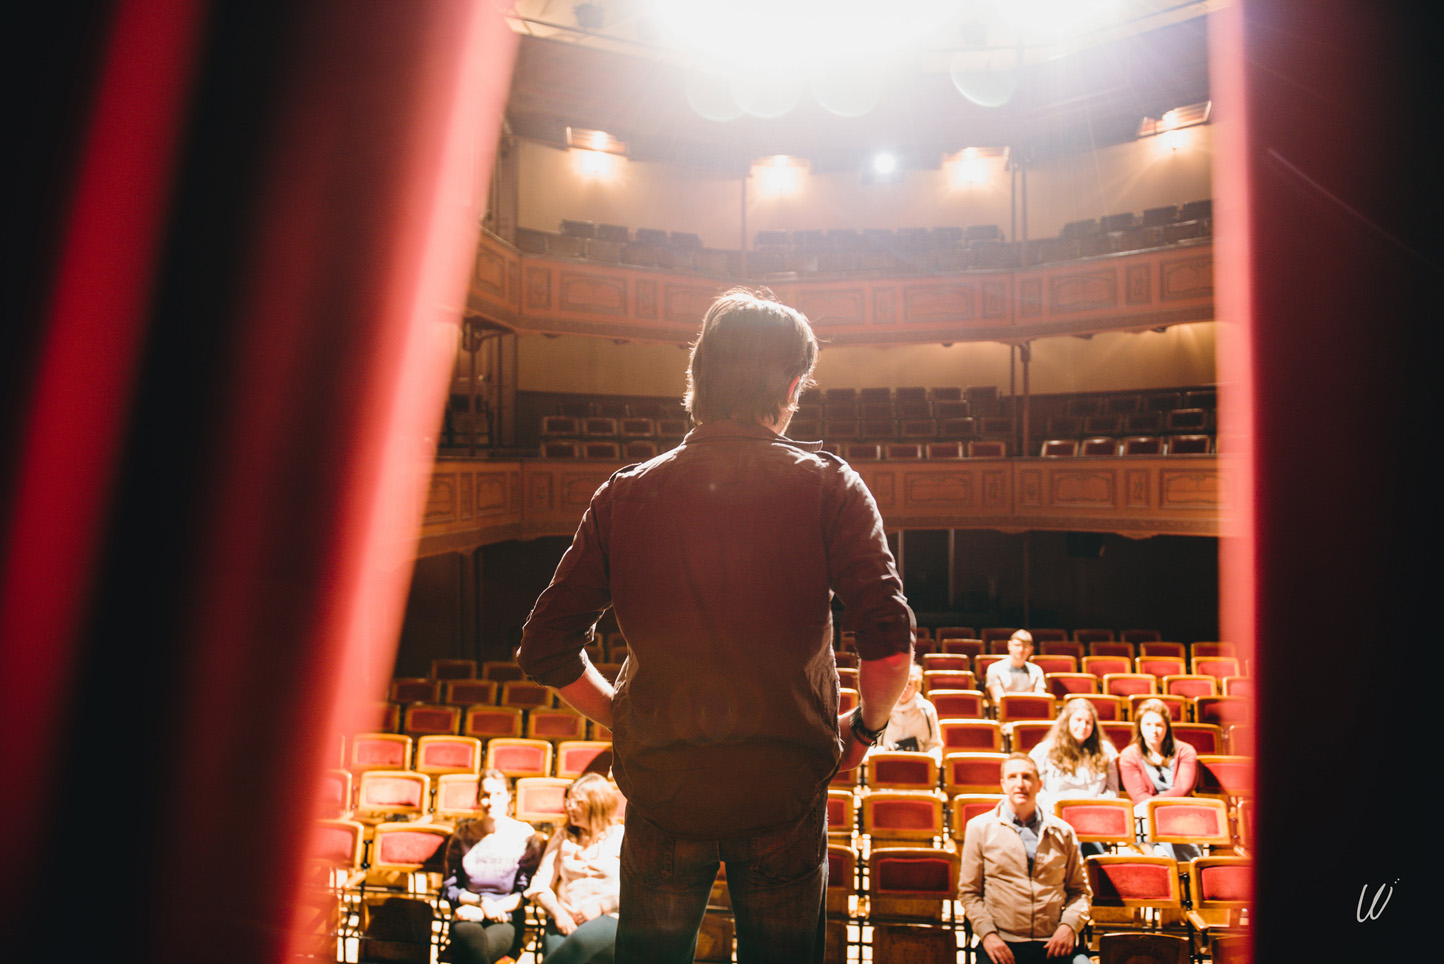 Vue du public au théâtre depuis la scène